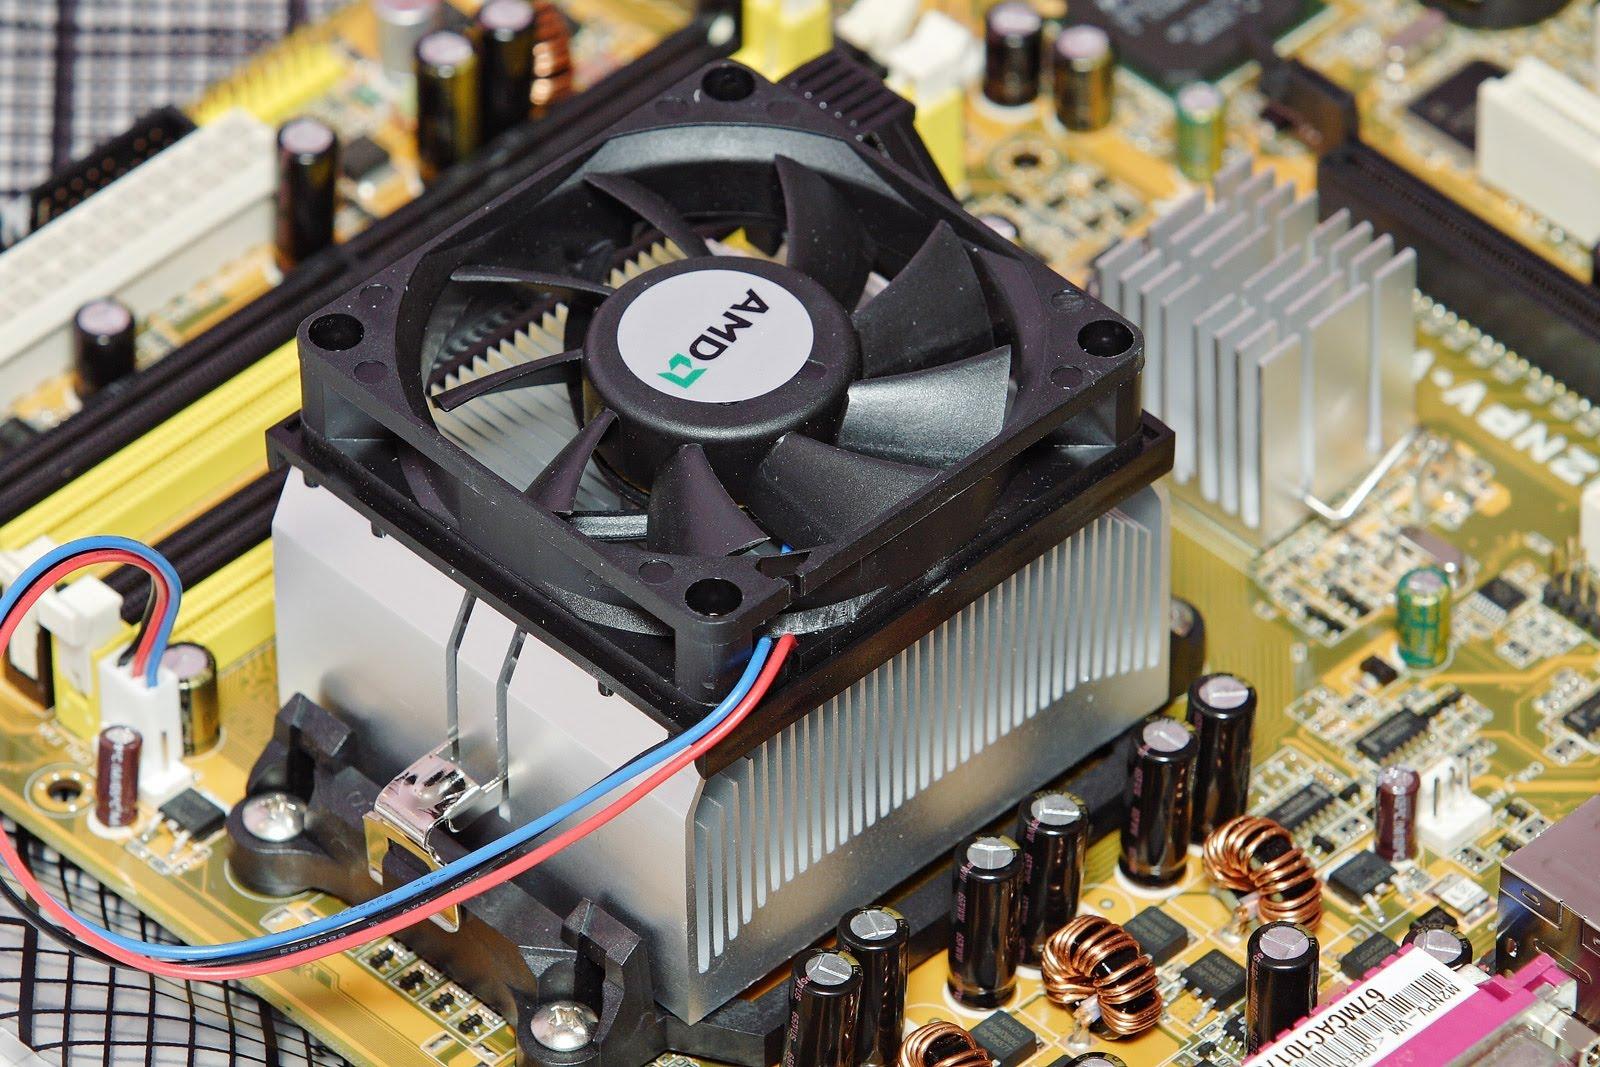 چگونه فن پردازنده مناسب انتخاب کنیم؟